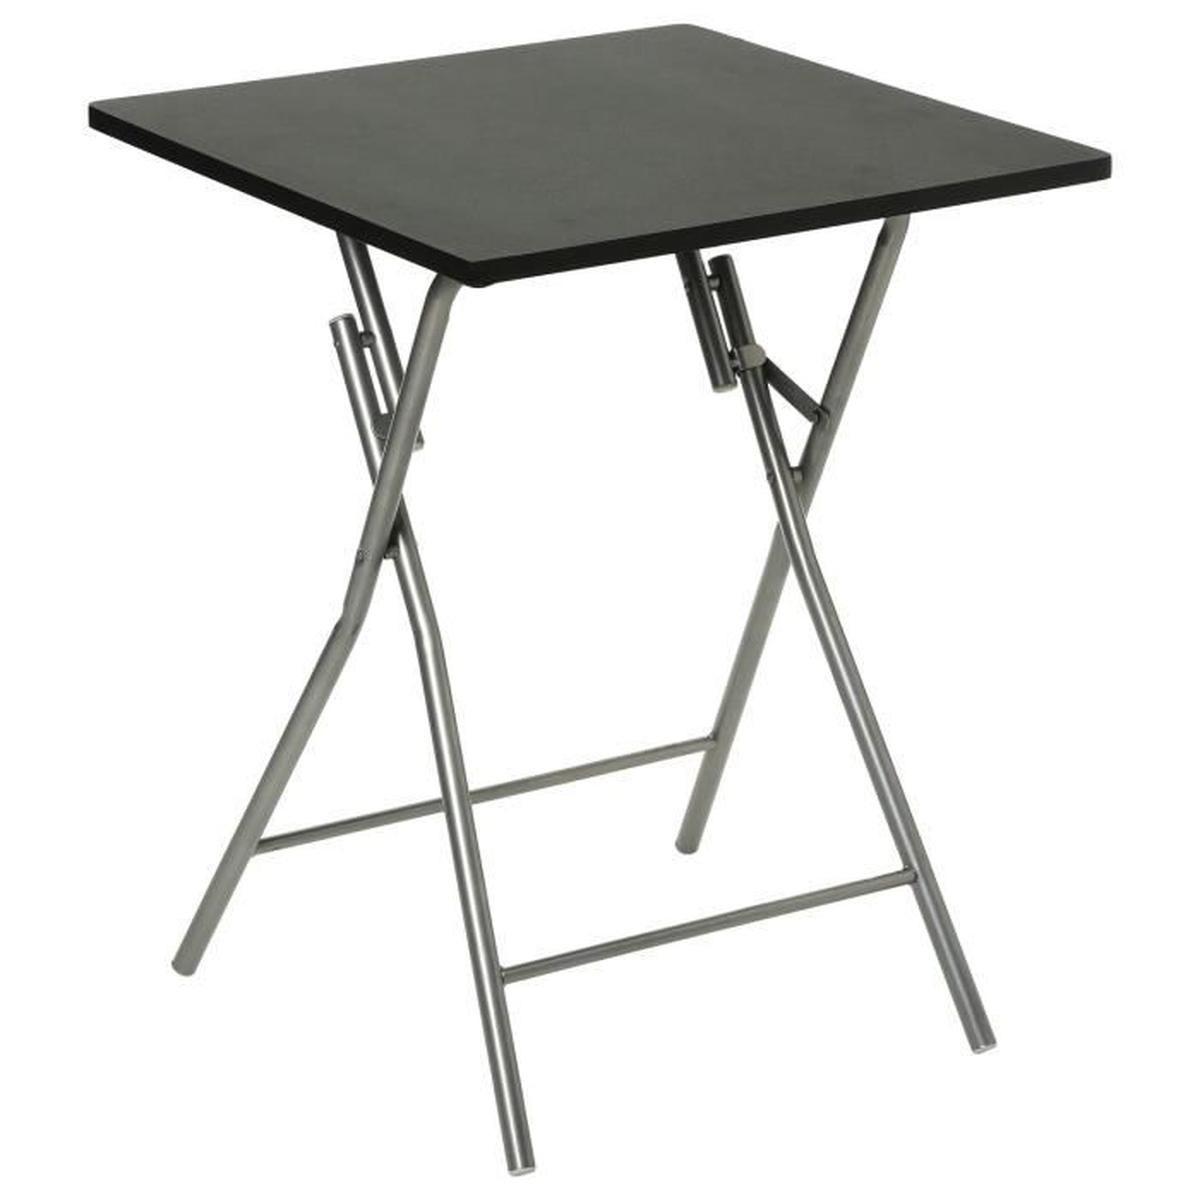 Pied Pliant Pour Table Haute 110Mm encequiconcerne Table Pliante Intermarché